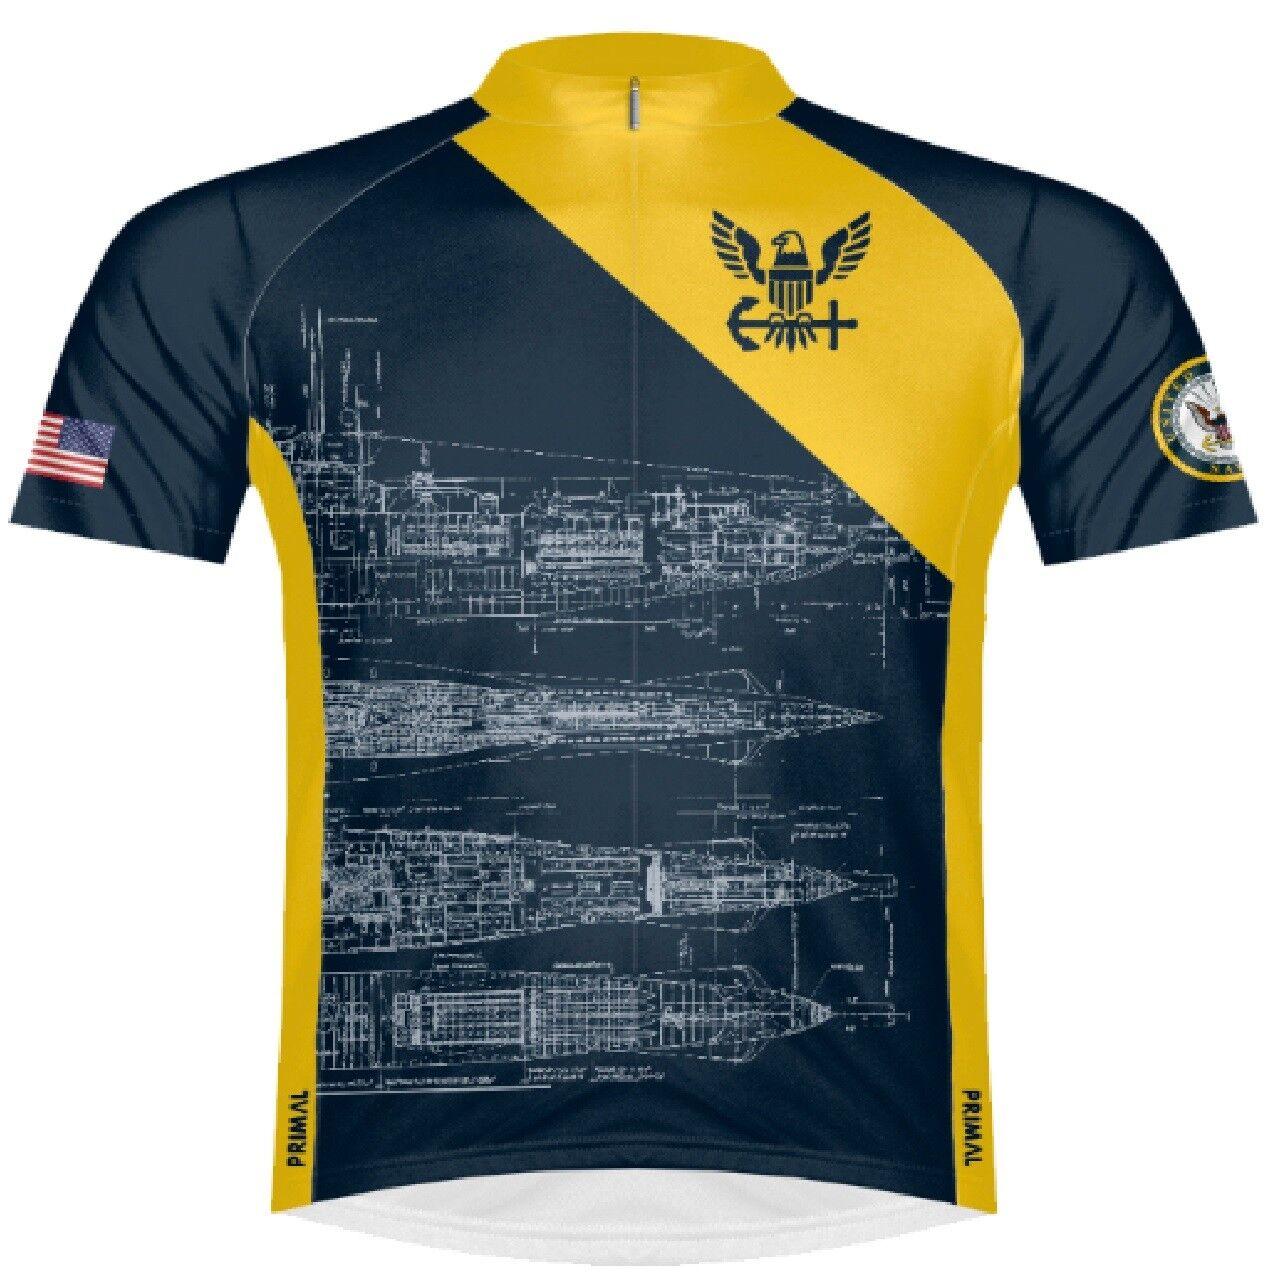 Primal Wear U.S. Navy Submarine Sie's Sport Cut Full Zip Radfahren Jersey